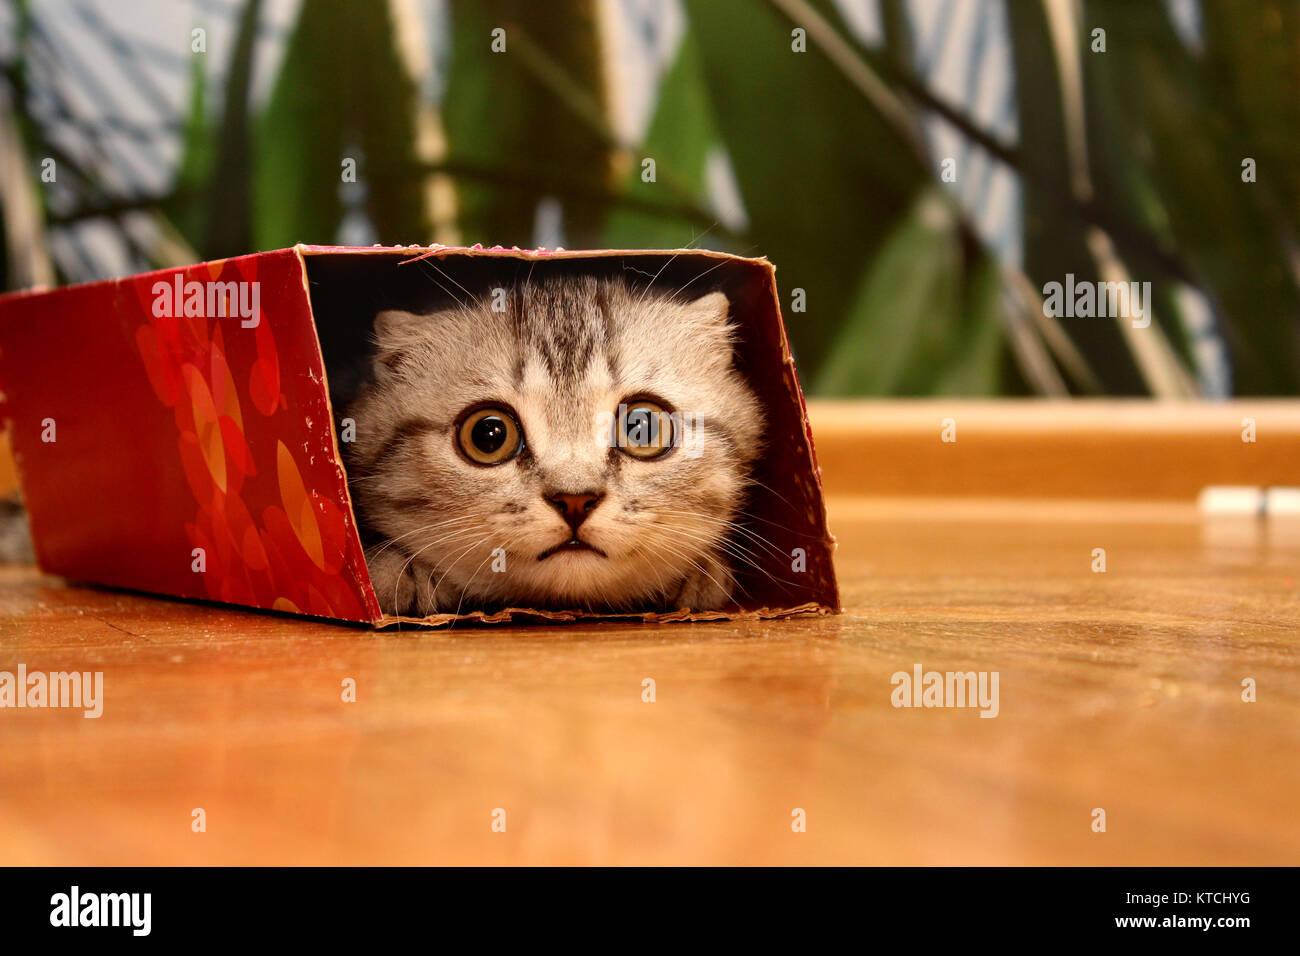 Scottish kitten peeking out of the box. - Stock Image